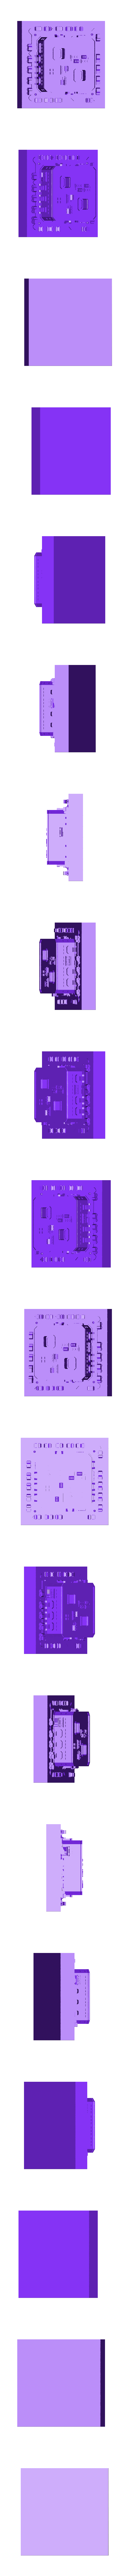 small3.stl Télécharger fichier STL gratuit Bâtiments de procédure • Design pour impression 3D, ferjerez3d